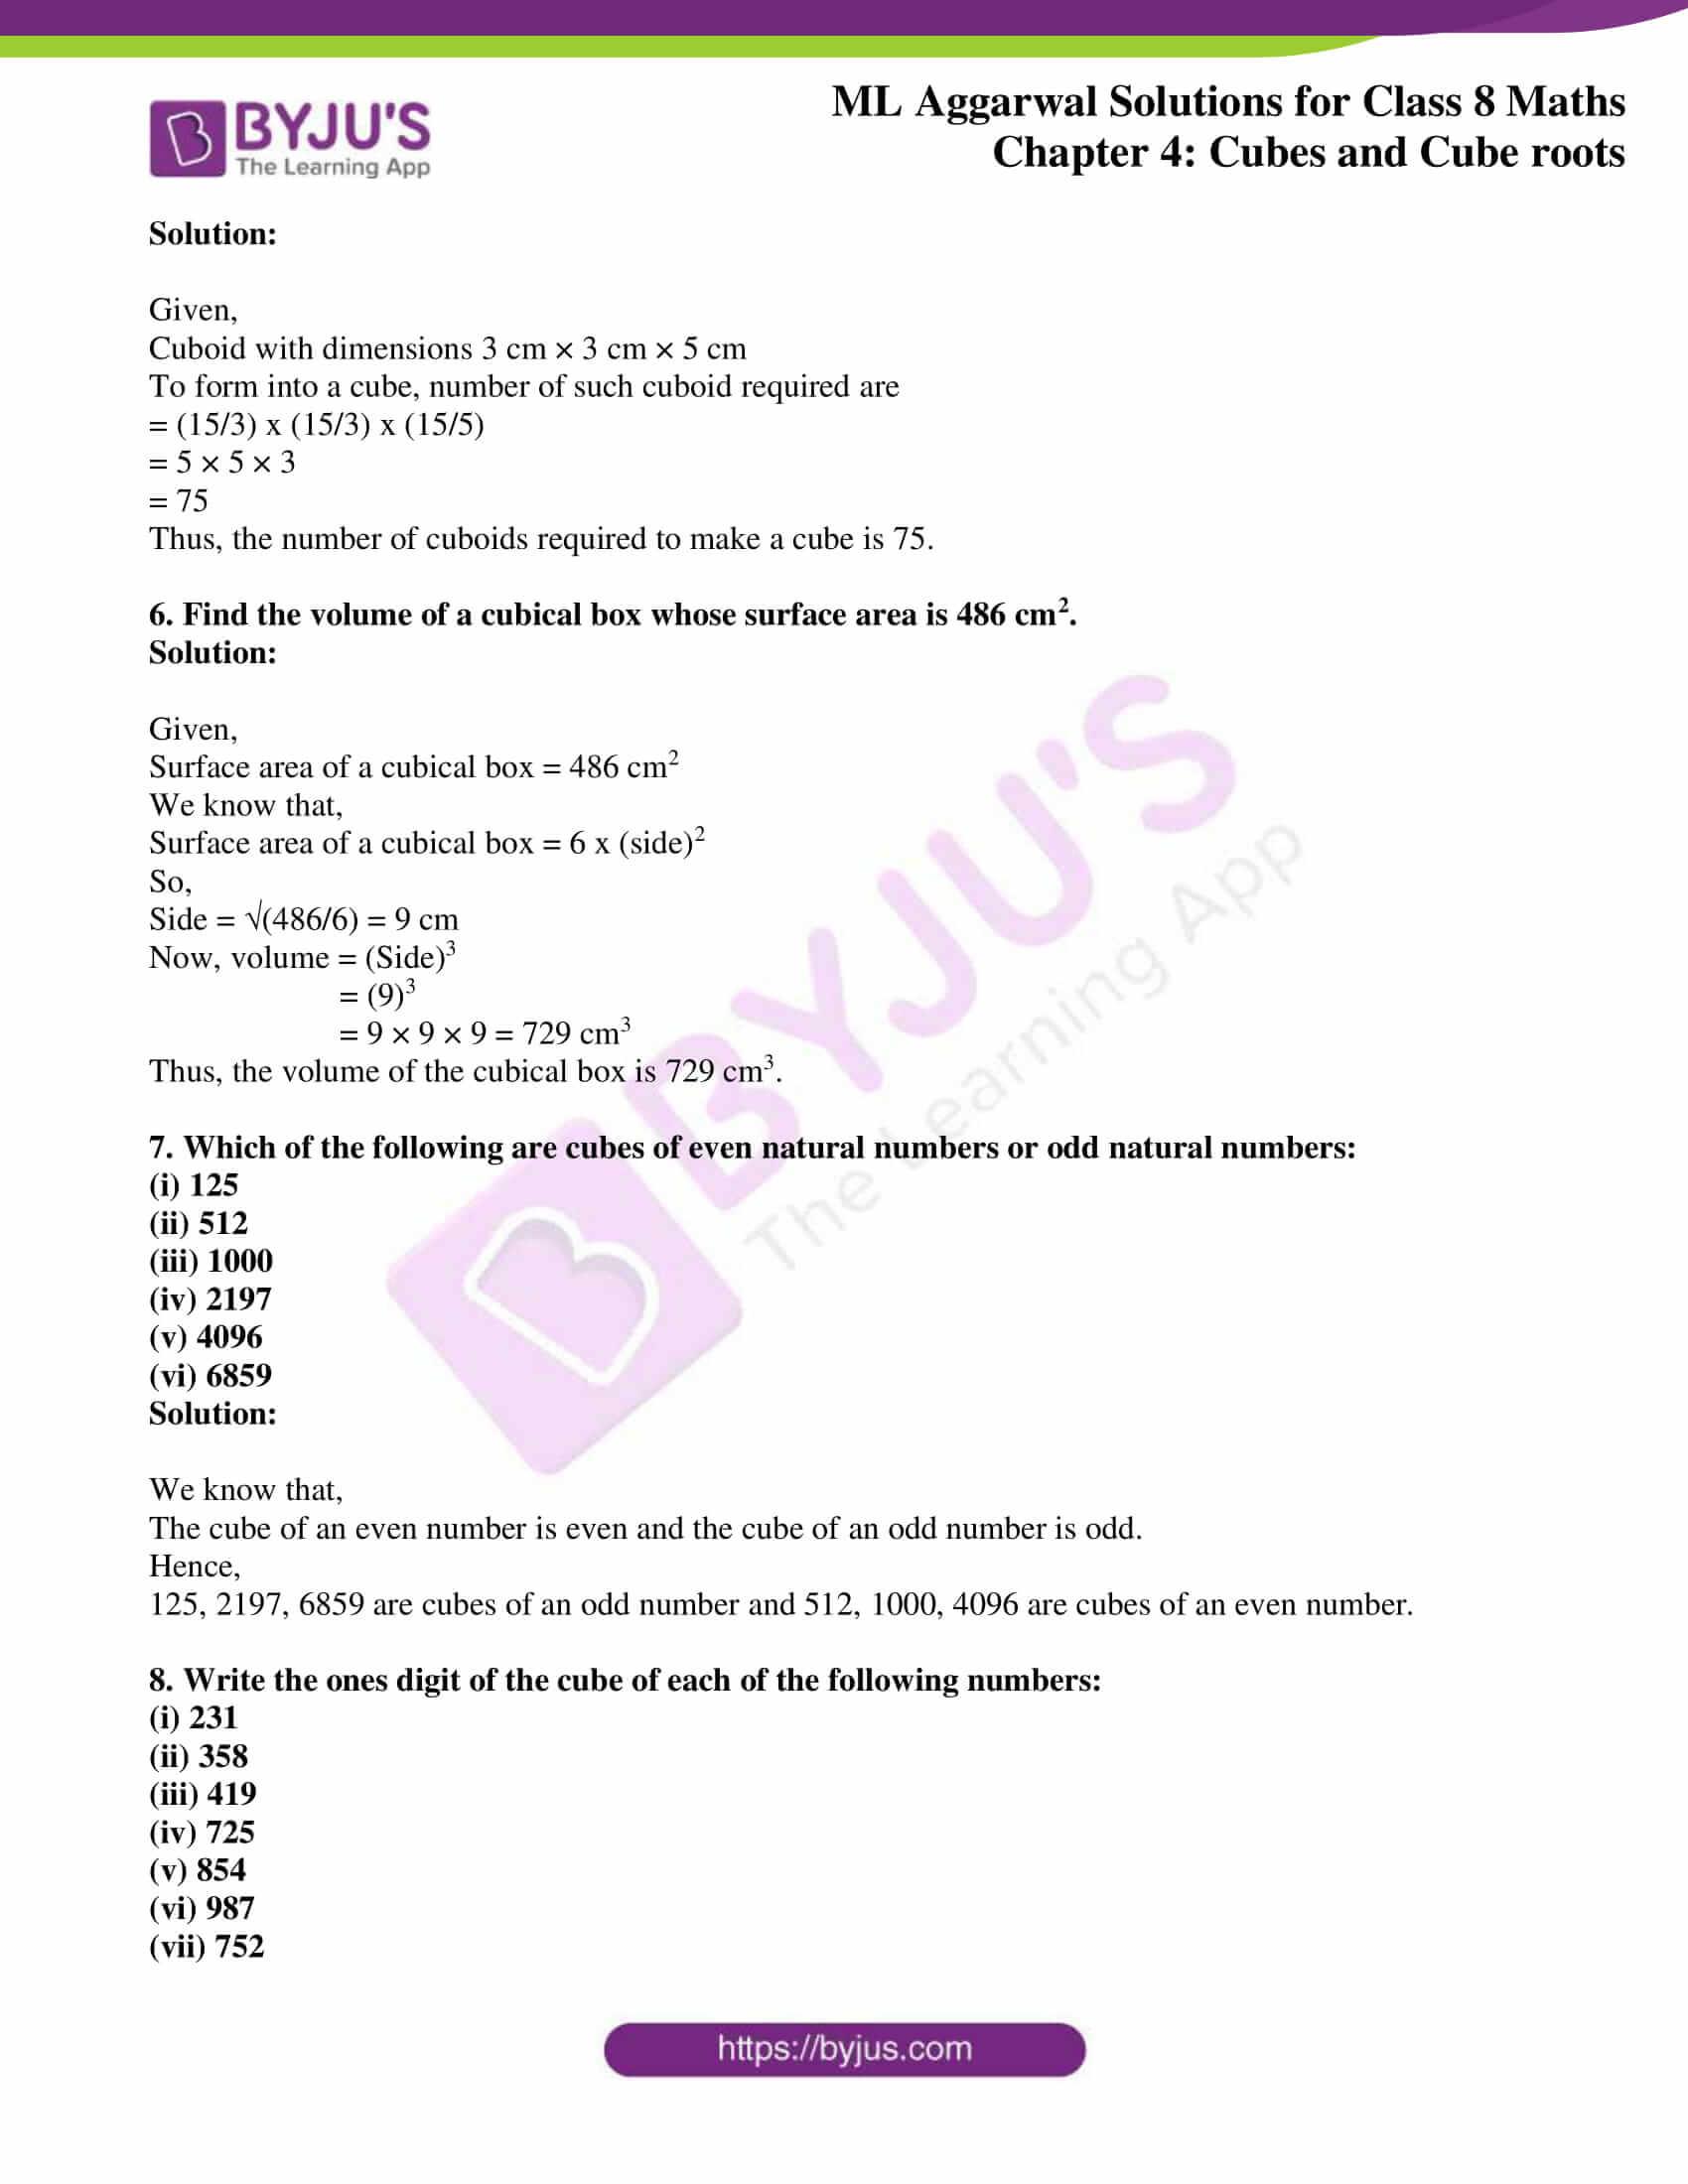 ml aggarwal sol mathematics class 8 ch 4 08